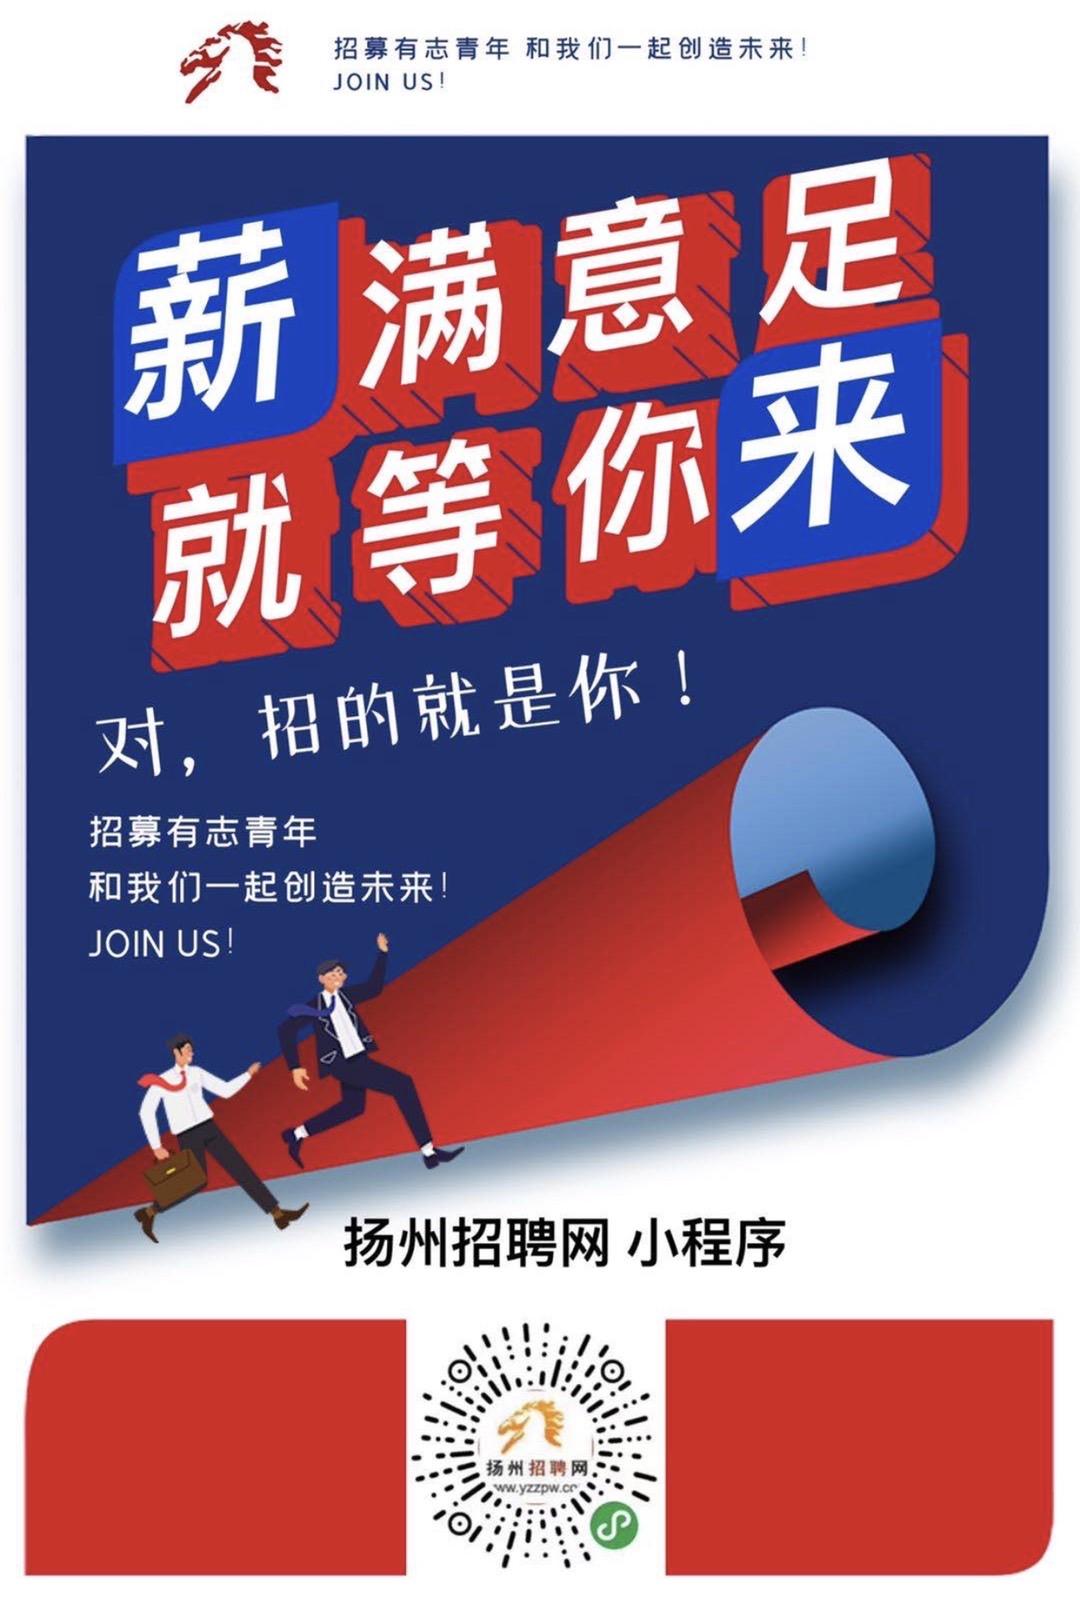 关于有序恢复扬州市、邗江区公共就业人才服务大厅线下业务办理的公告